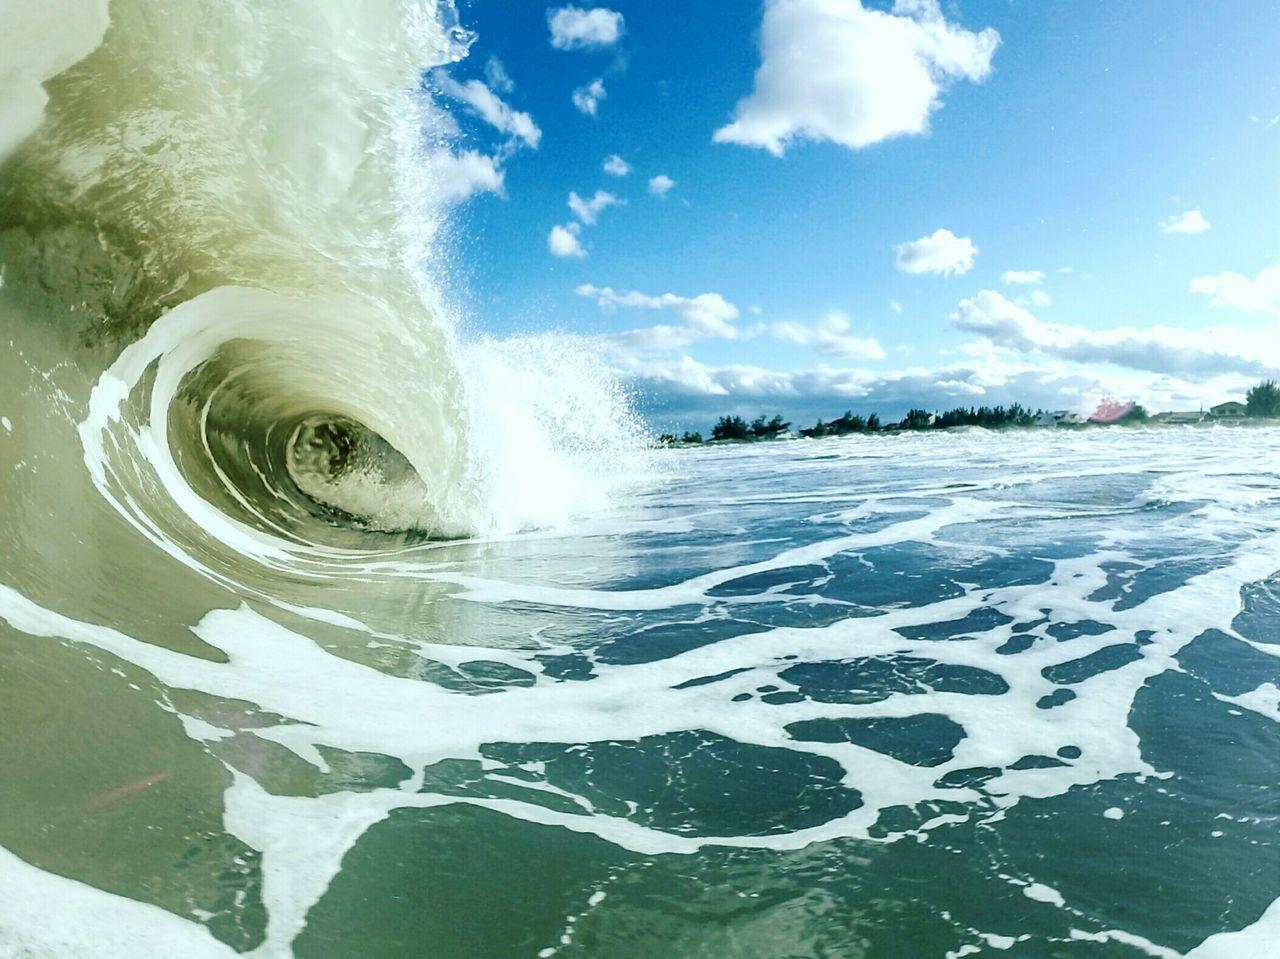 Sea Waves Flowing Against Sky